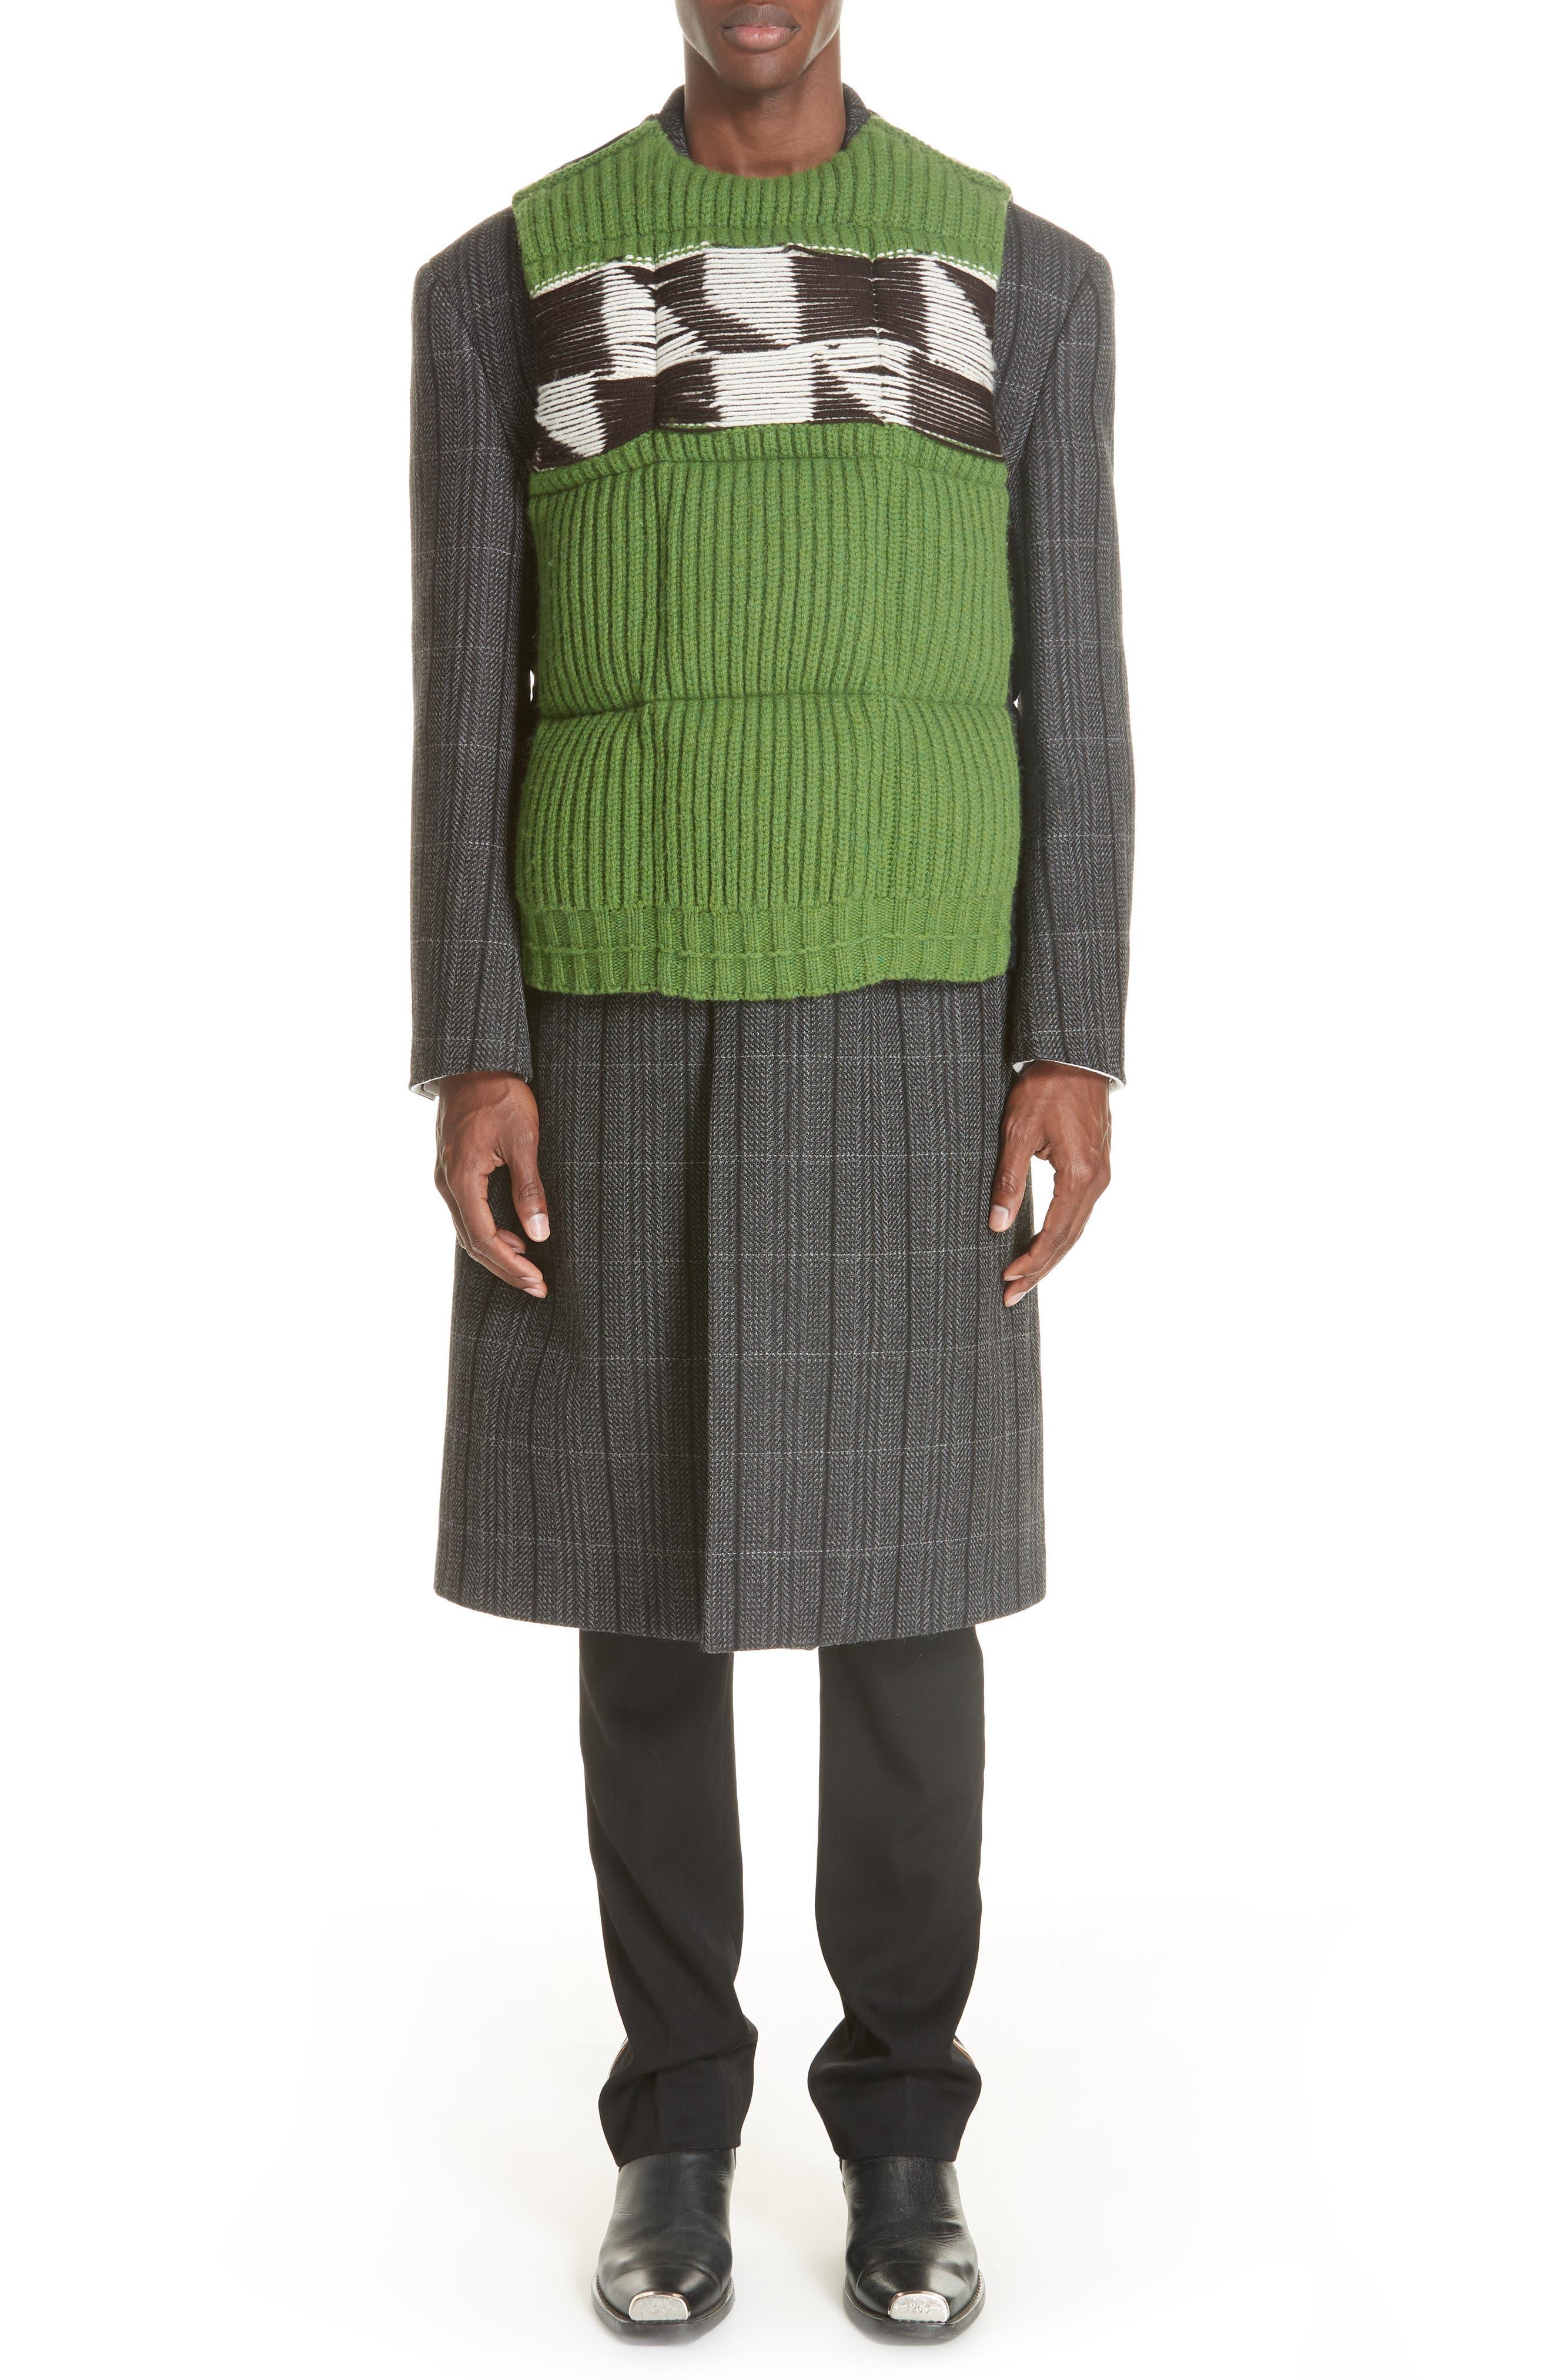 Body Warmer Vest,                             Alternate thumbnail 6, color,                             GREEN FERN